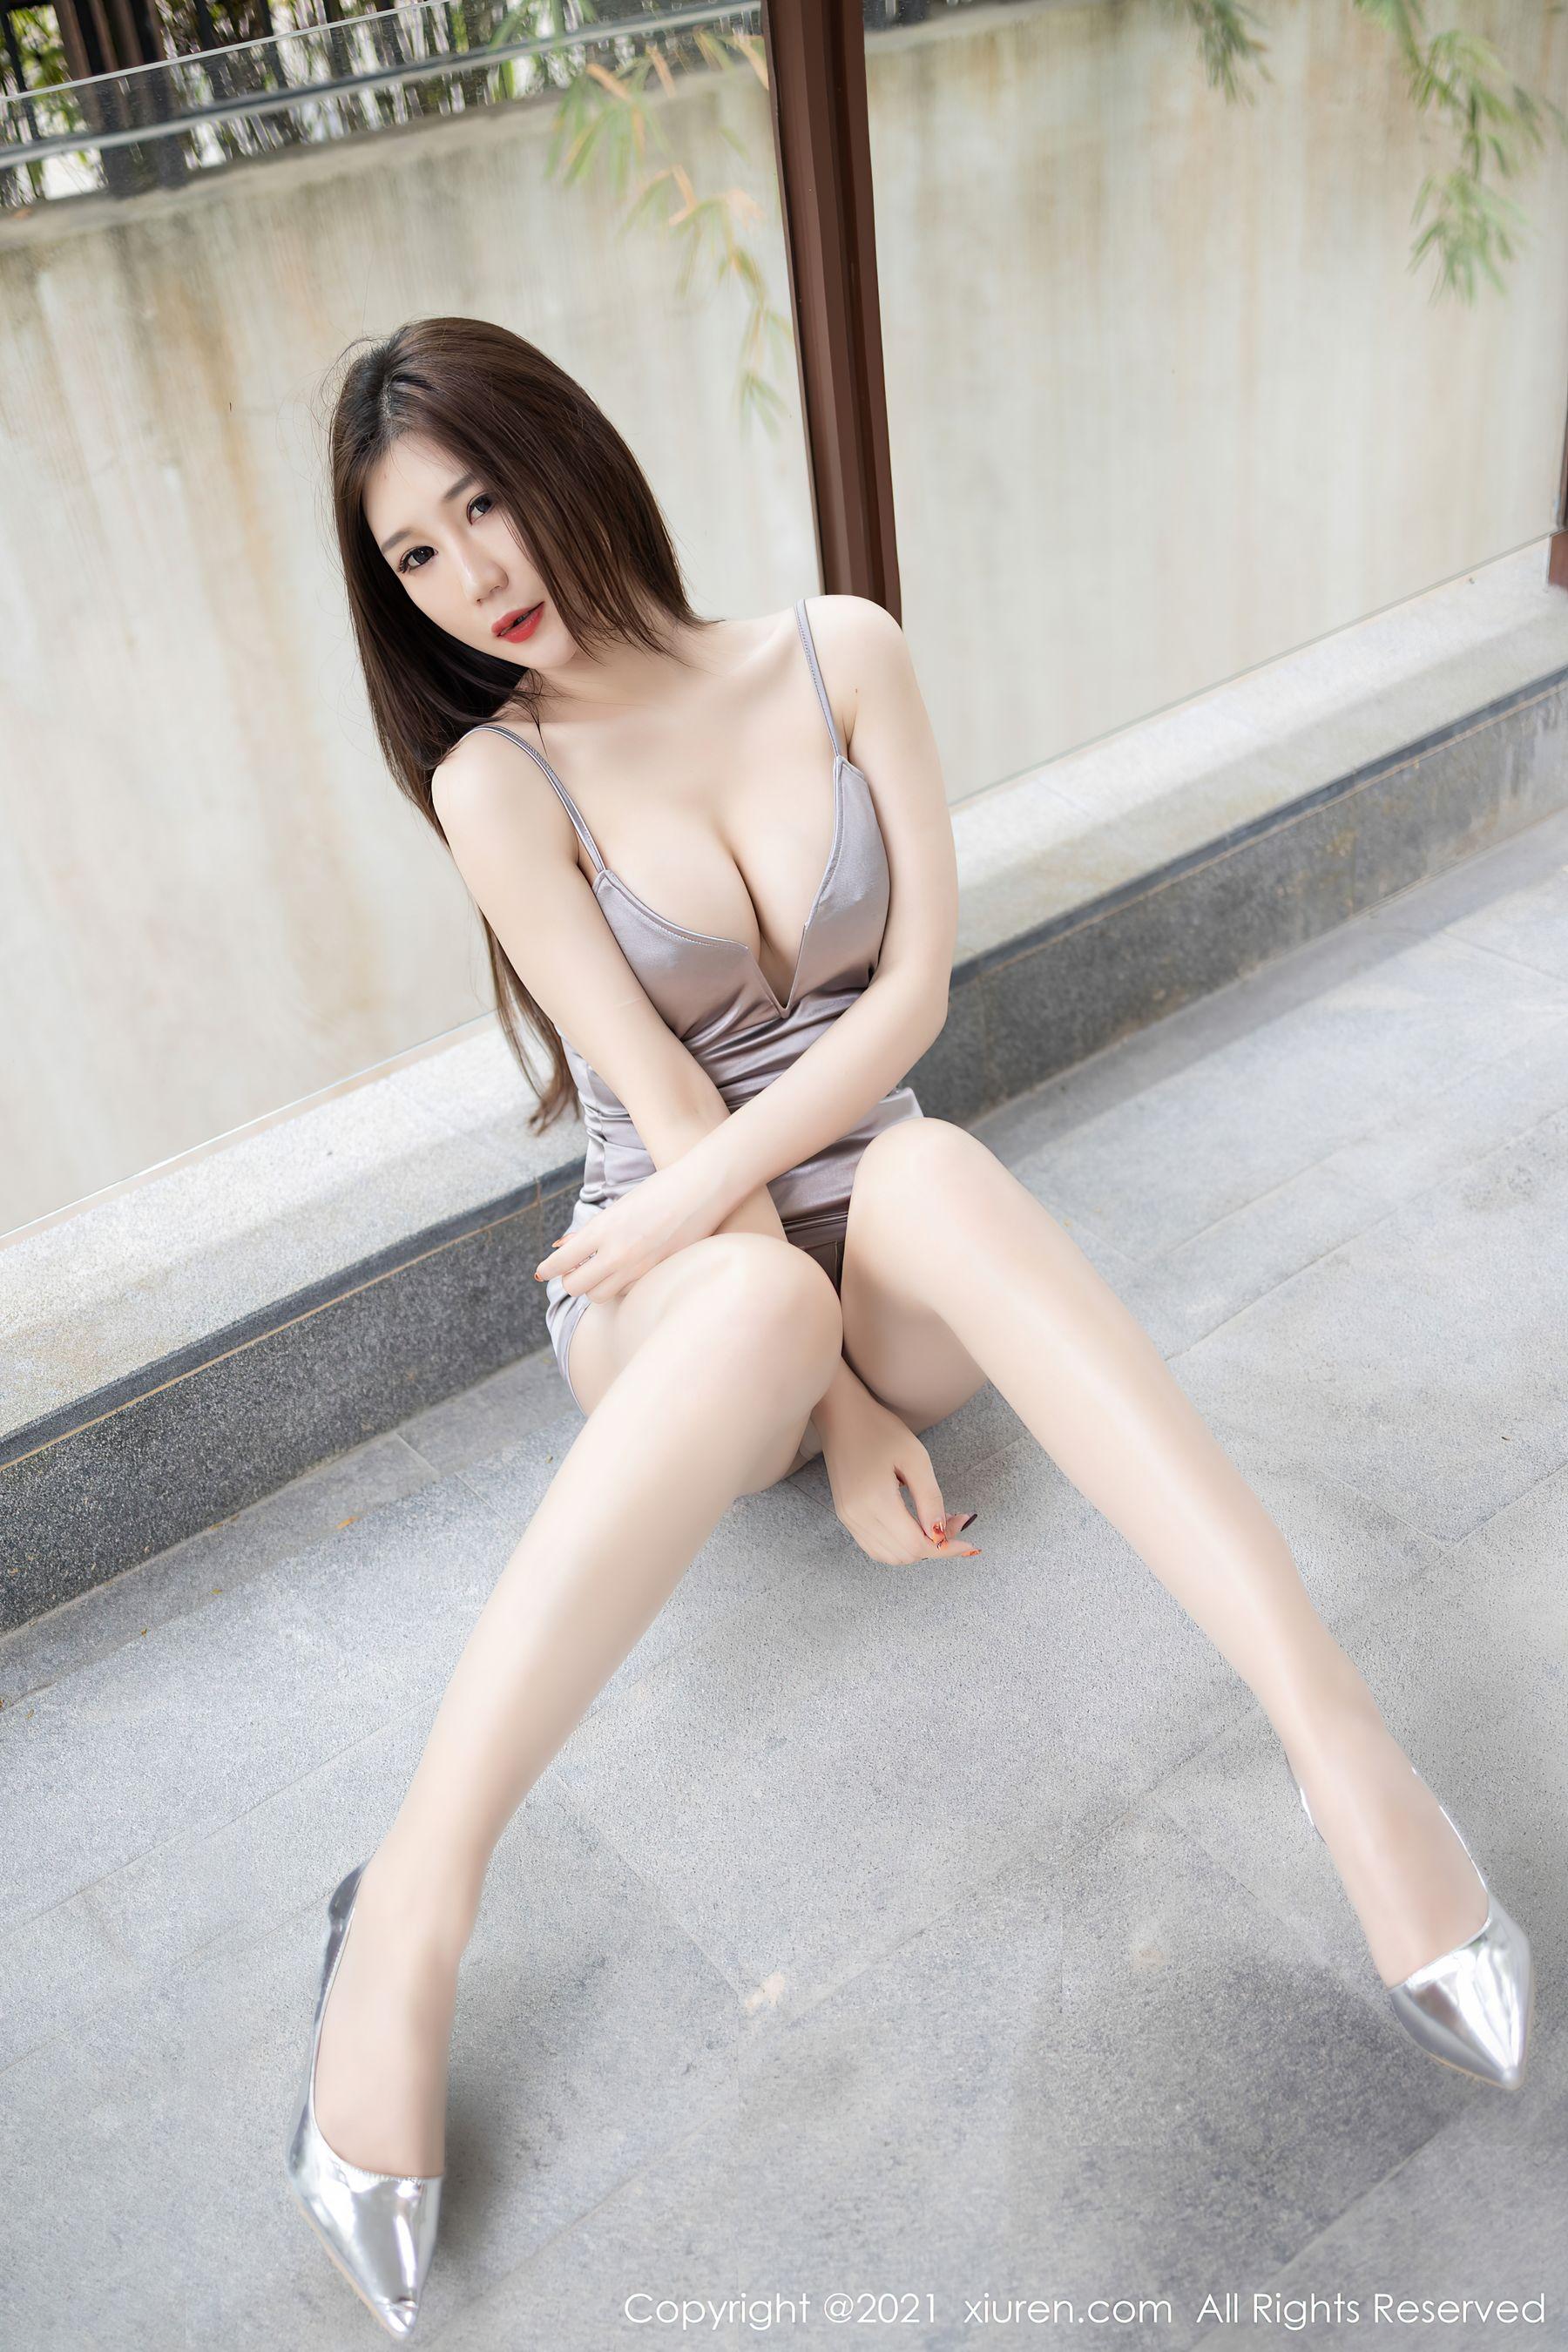 VOL.1774 [秀人网]诱惑风骚吊带:顾桥楠(玄子,顾乔楠)超高清写真套图(39P)